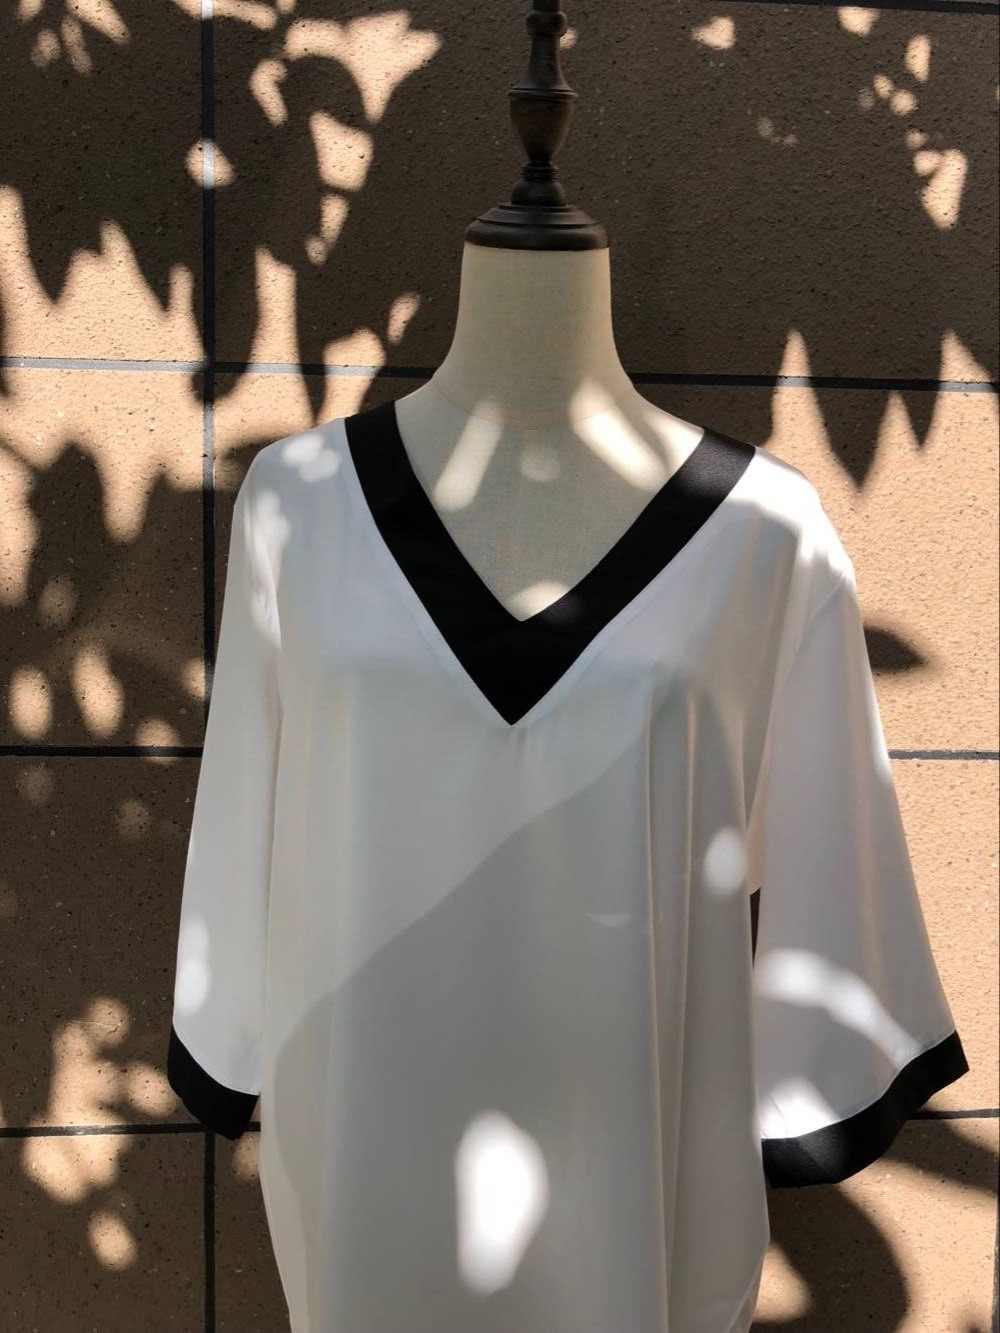 Женская Пляжная накидка Saida de Praia пляжное платье Плюс Размер Купальники кафтан бикини накидка на купальный костюм туники # Q518